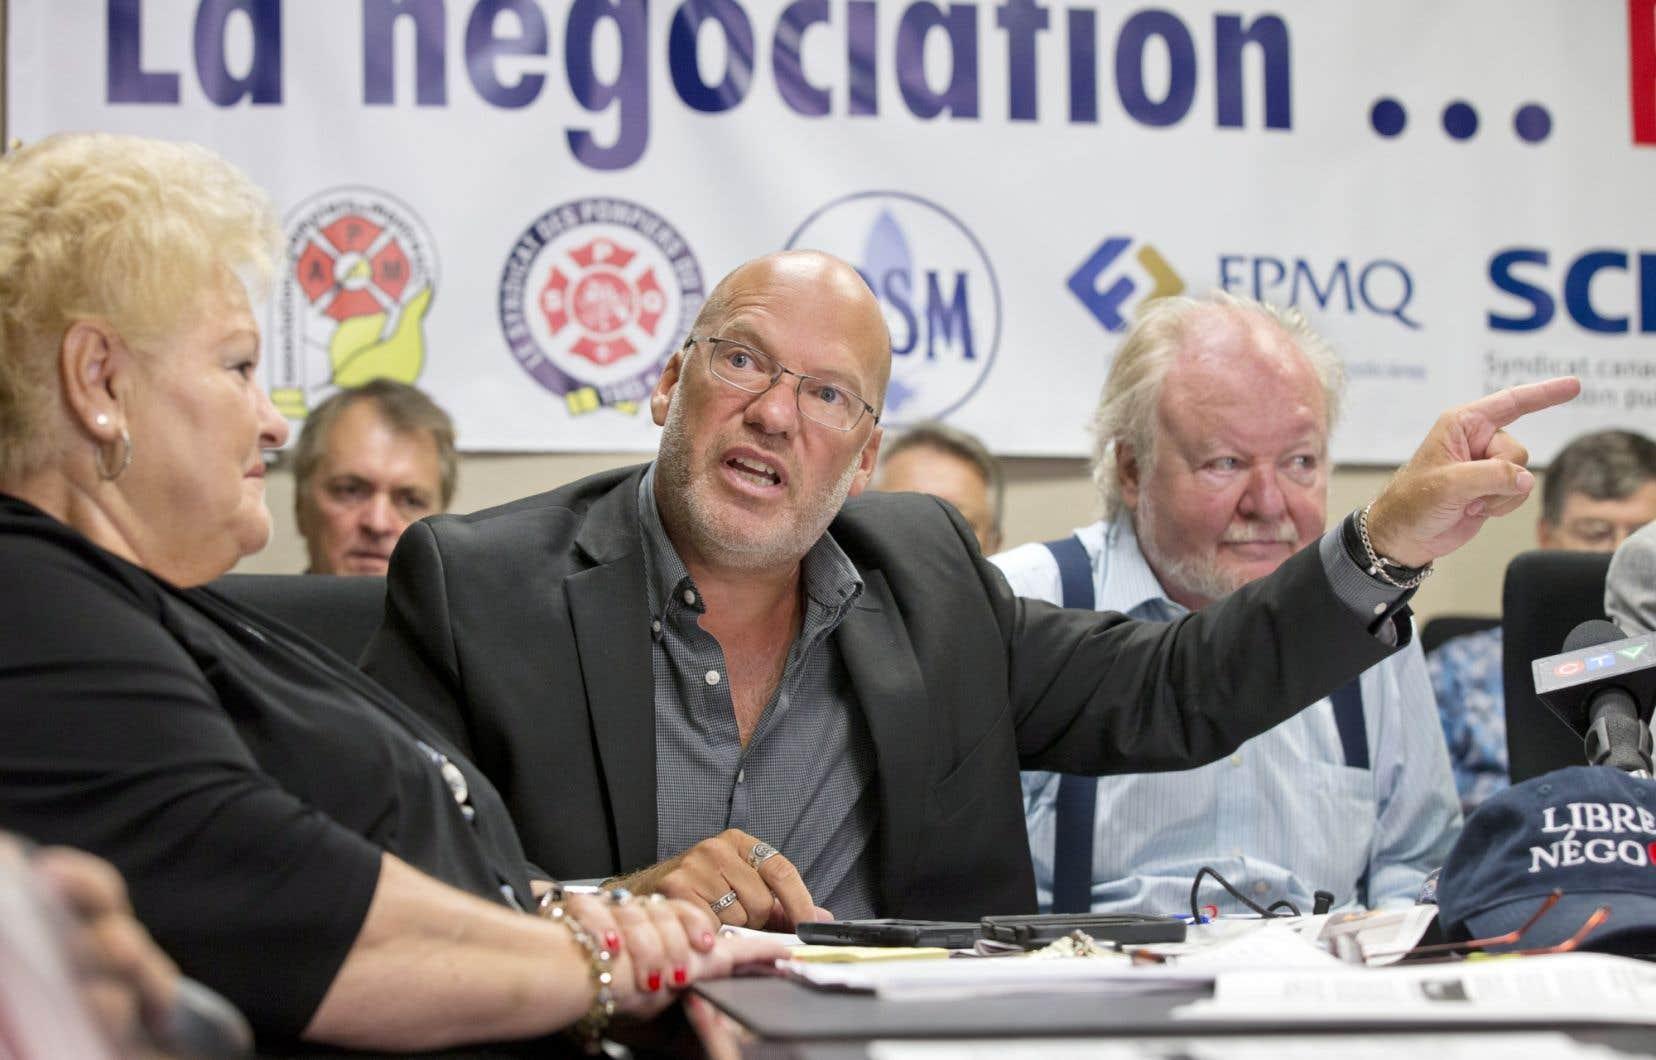 Marc Ranger, porte-parole de la Coalition syndicale pour la libre négociation, déplore l'absence d'espace pour une véritable négociation.